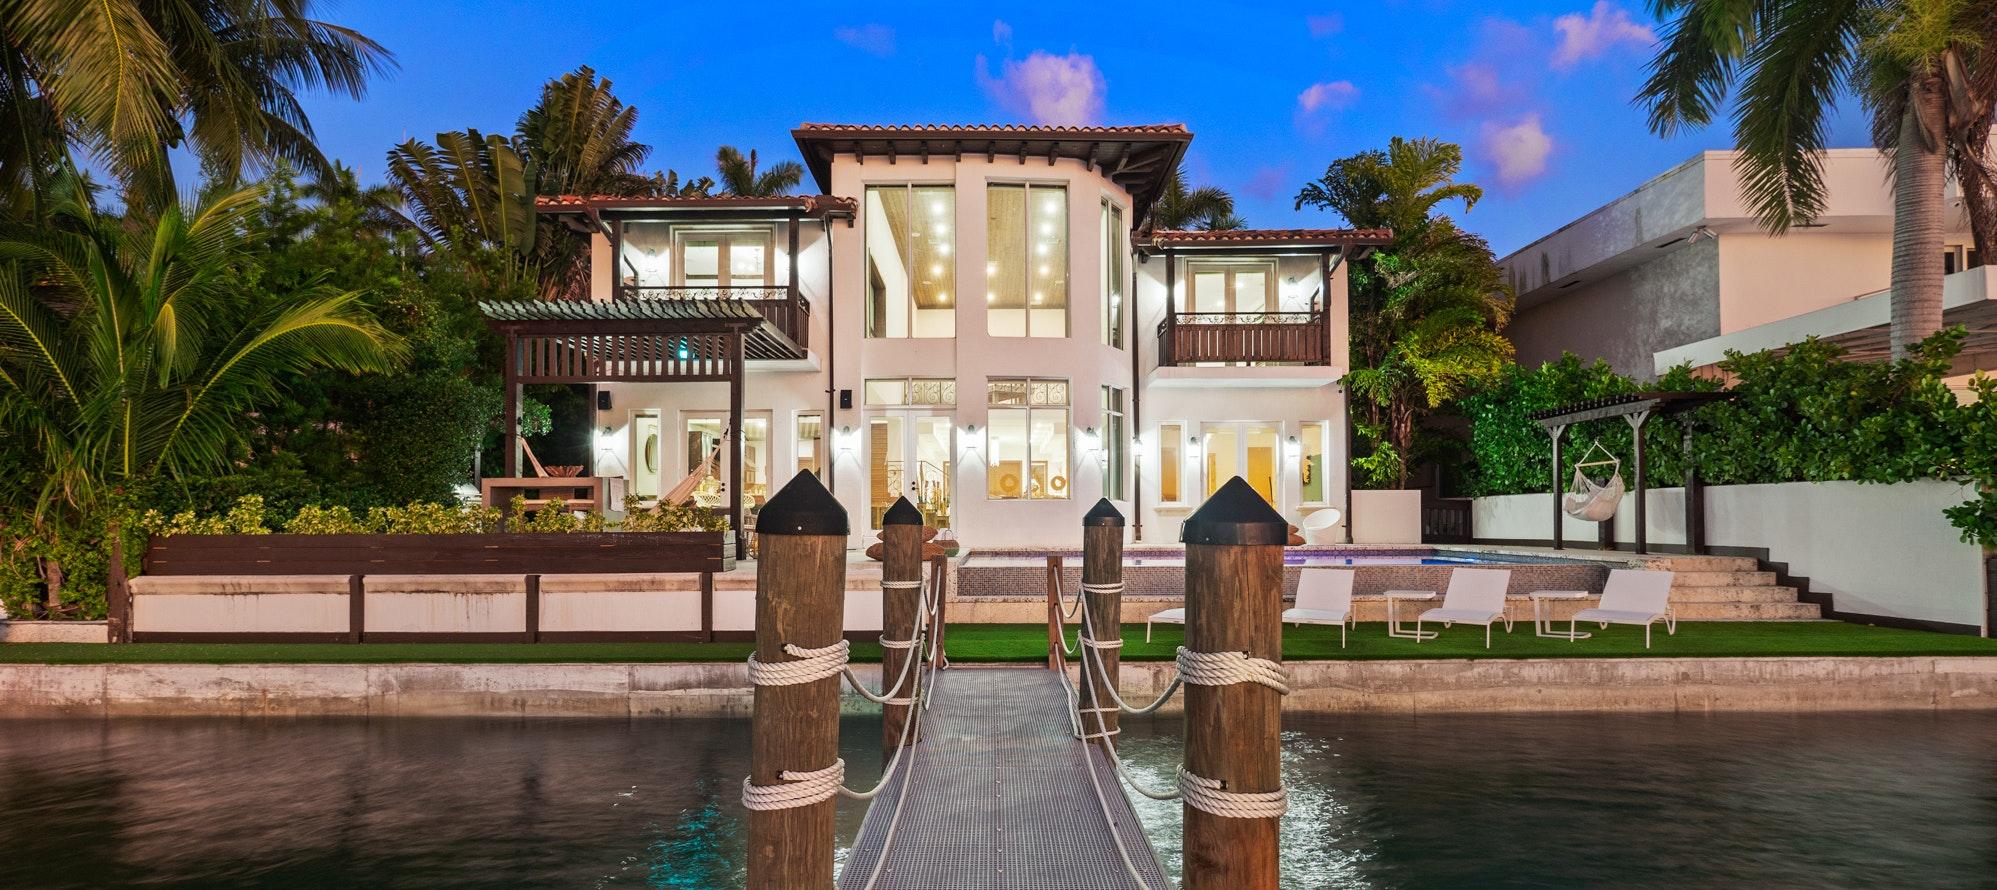 Villa Lieona luxury rental in North Bay Village